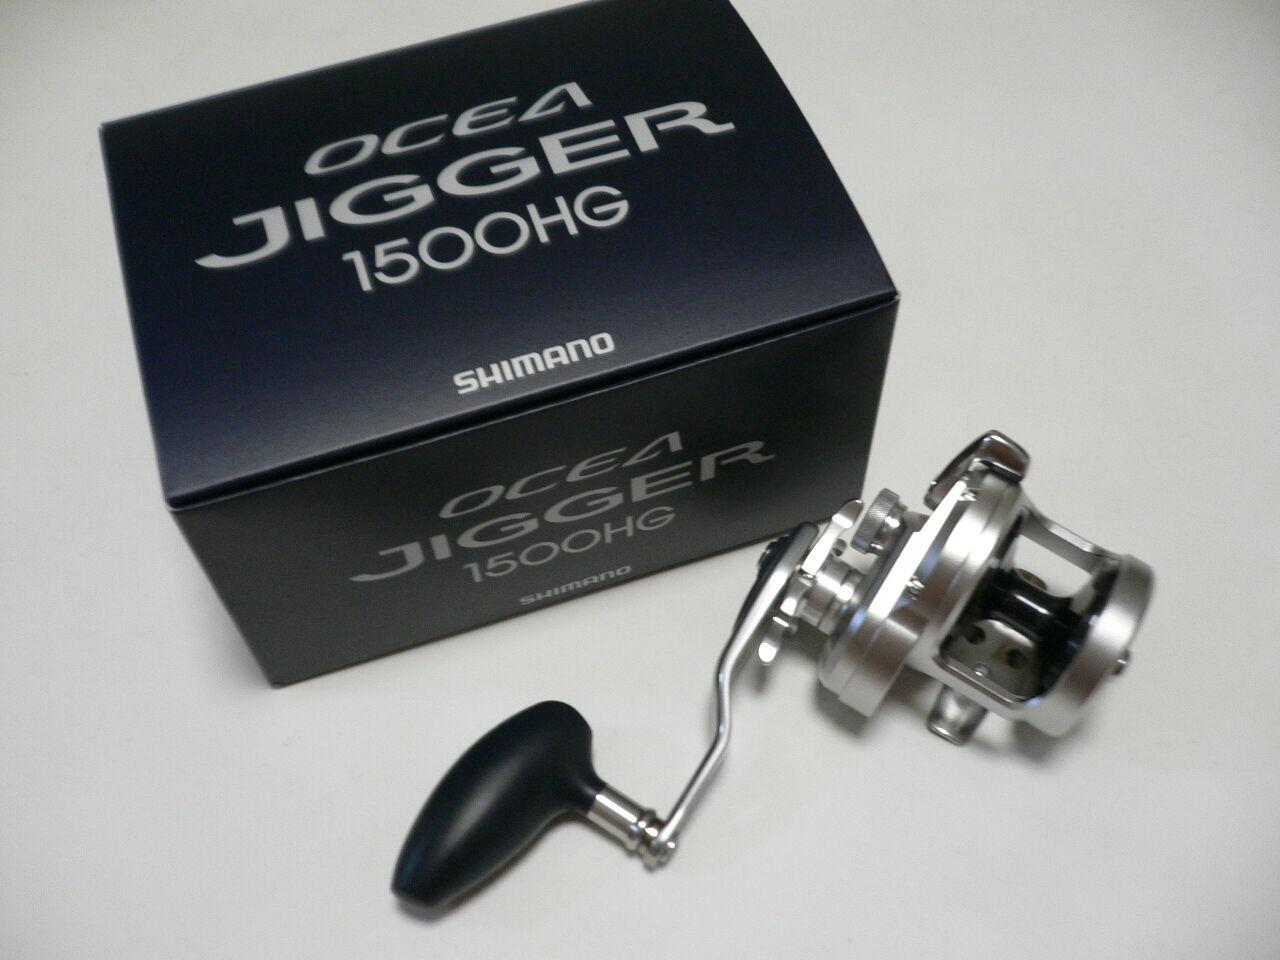 2017 Nuevo Shimano Ocea Jigger 1500HG de agua salada Cocherete de arrastre de estrellas nueva en caja